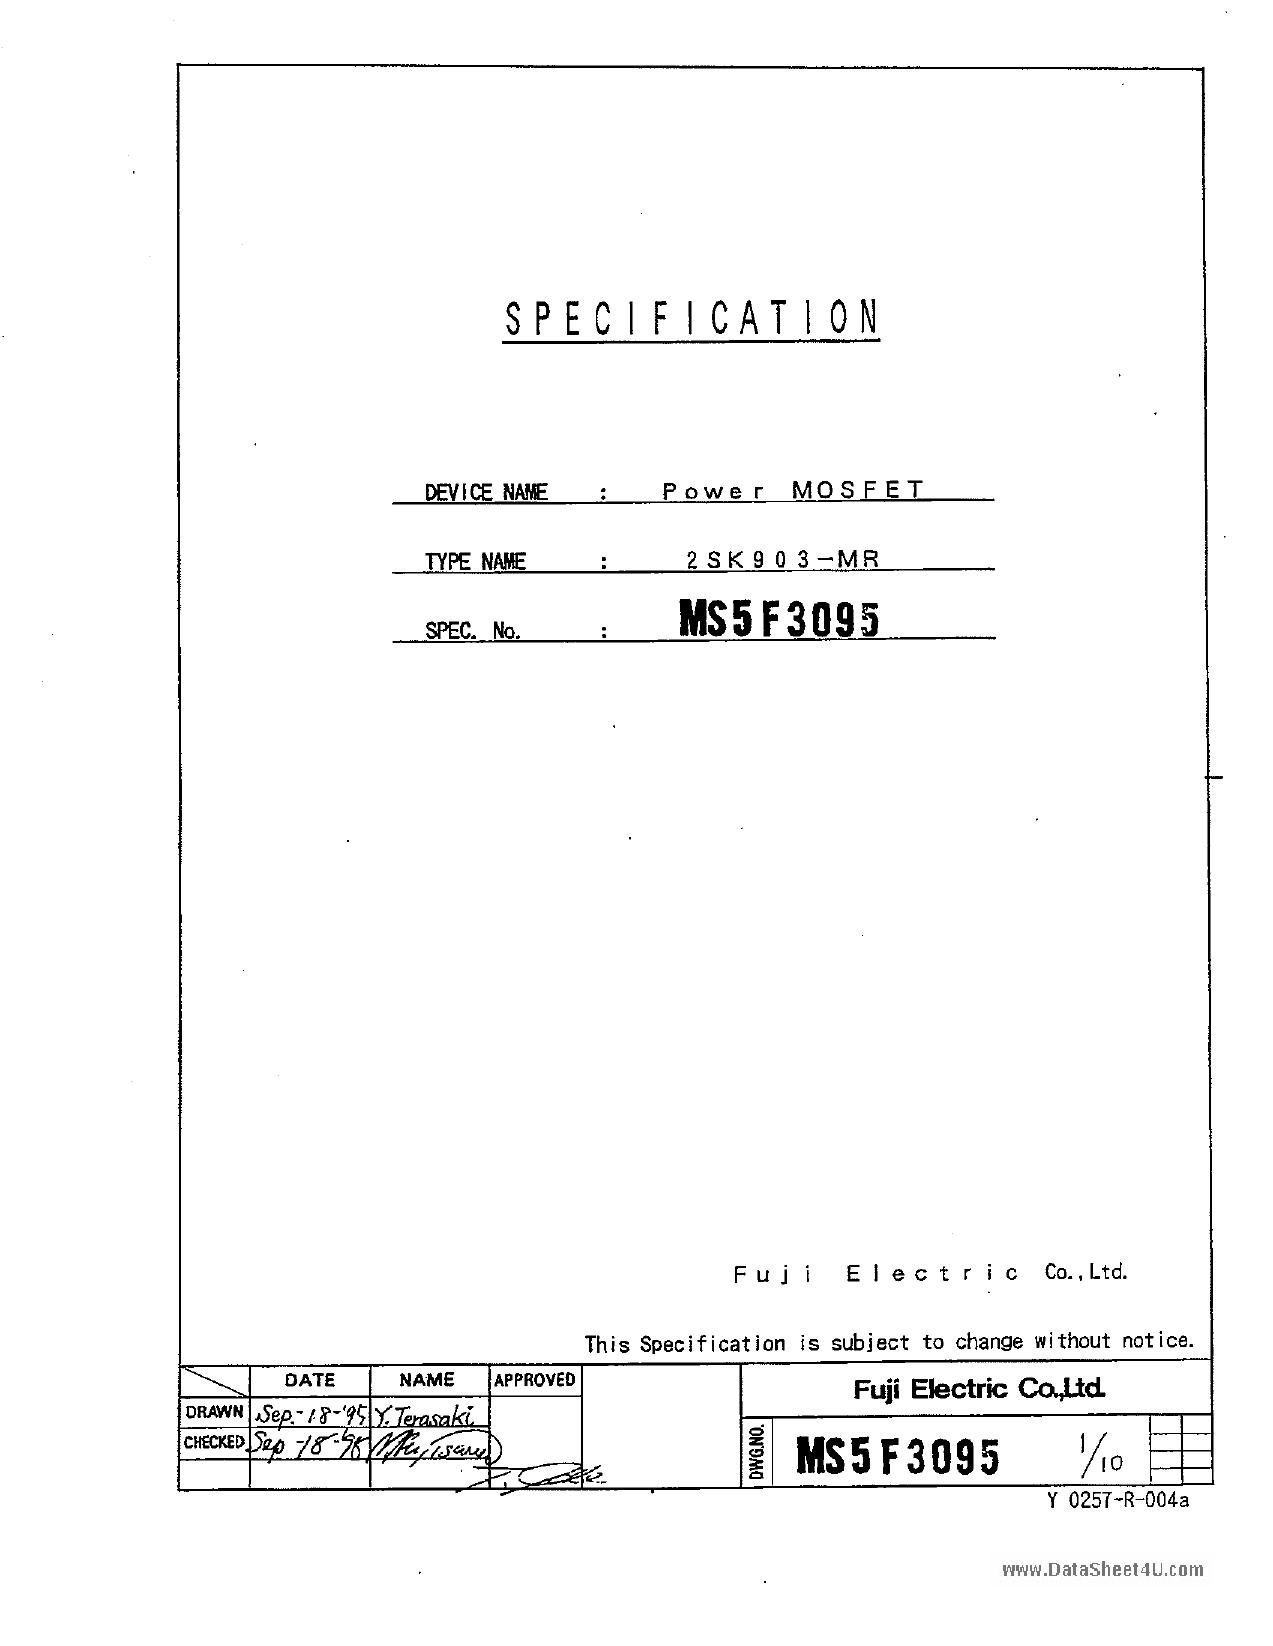 K903 pdf